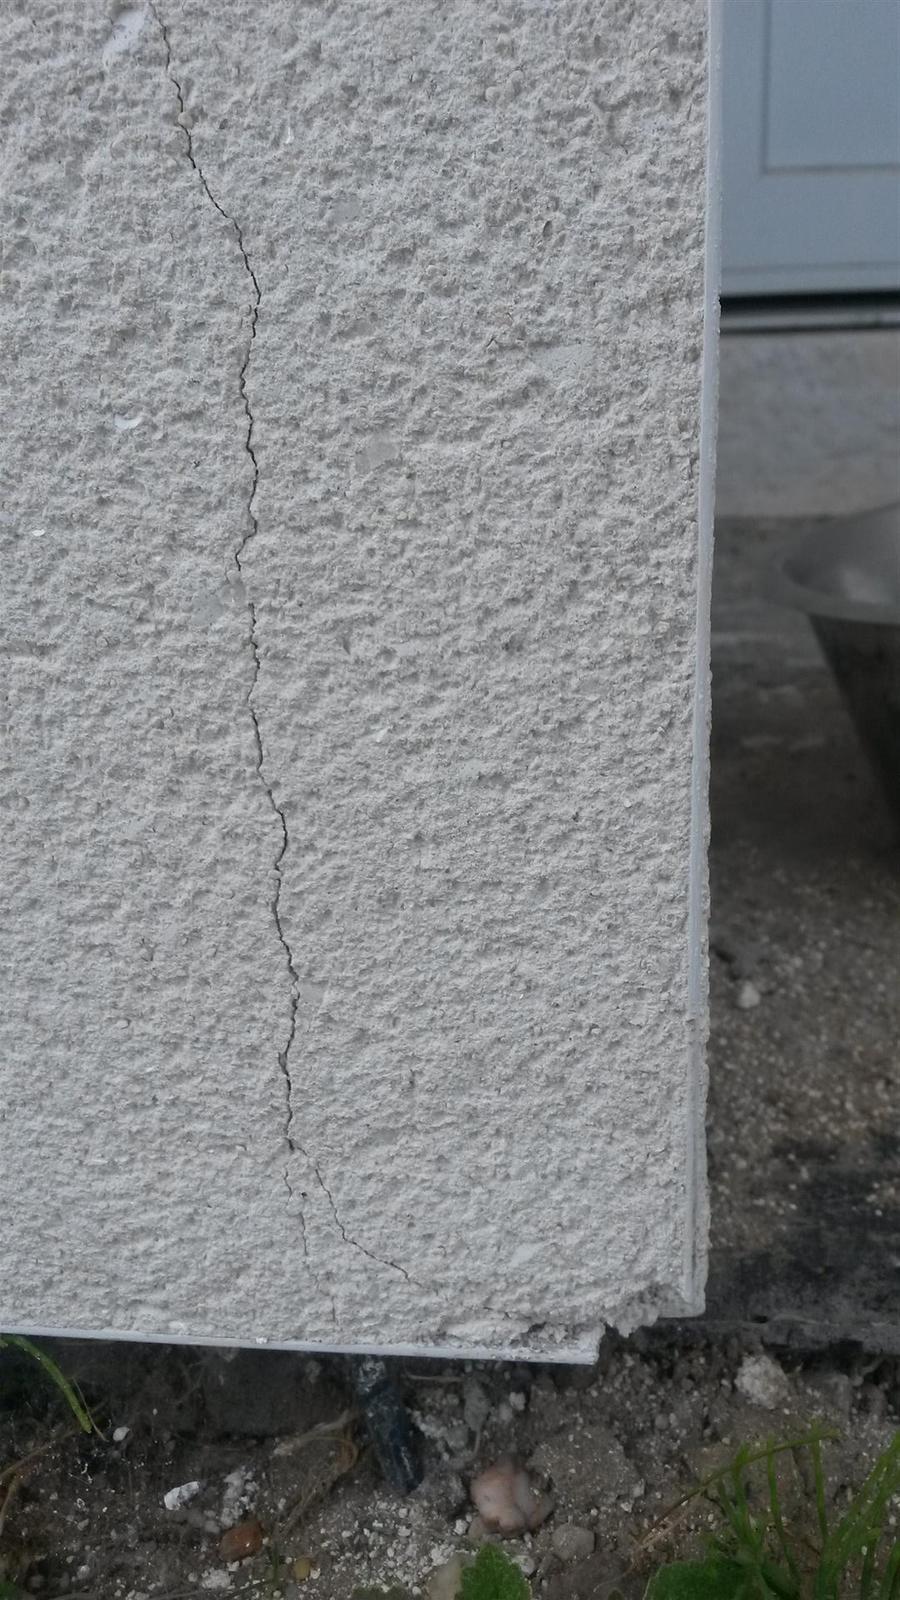 Brizolitova fasada - Weber Top 203 - NOVOSTAVBA - Prasknutá omietka pri rohoch apri kútoch okien